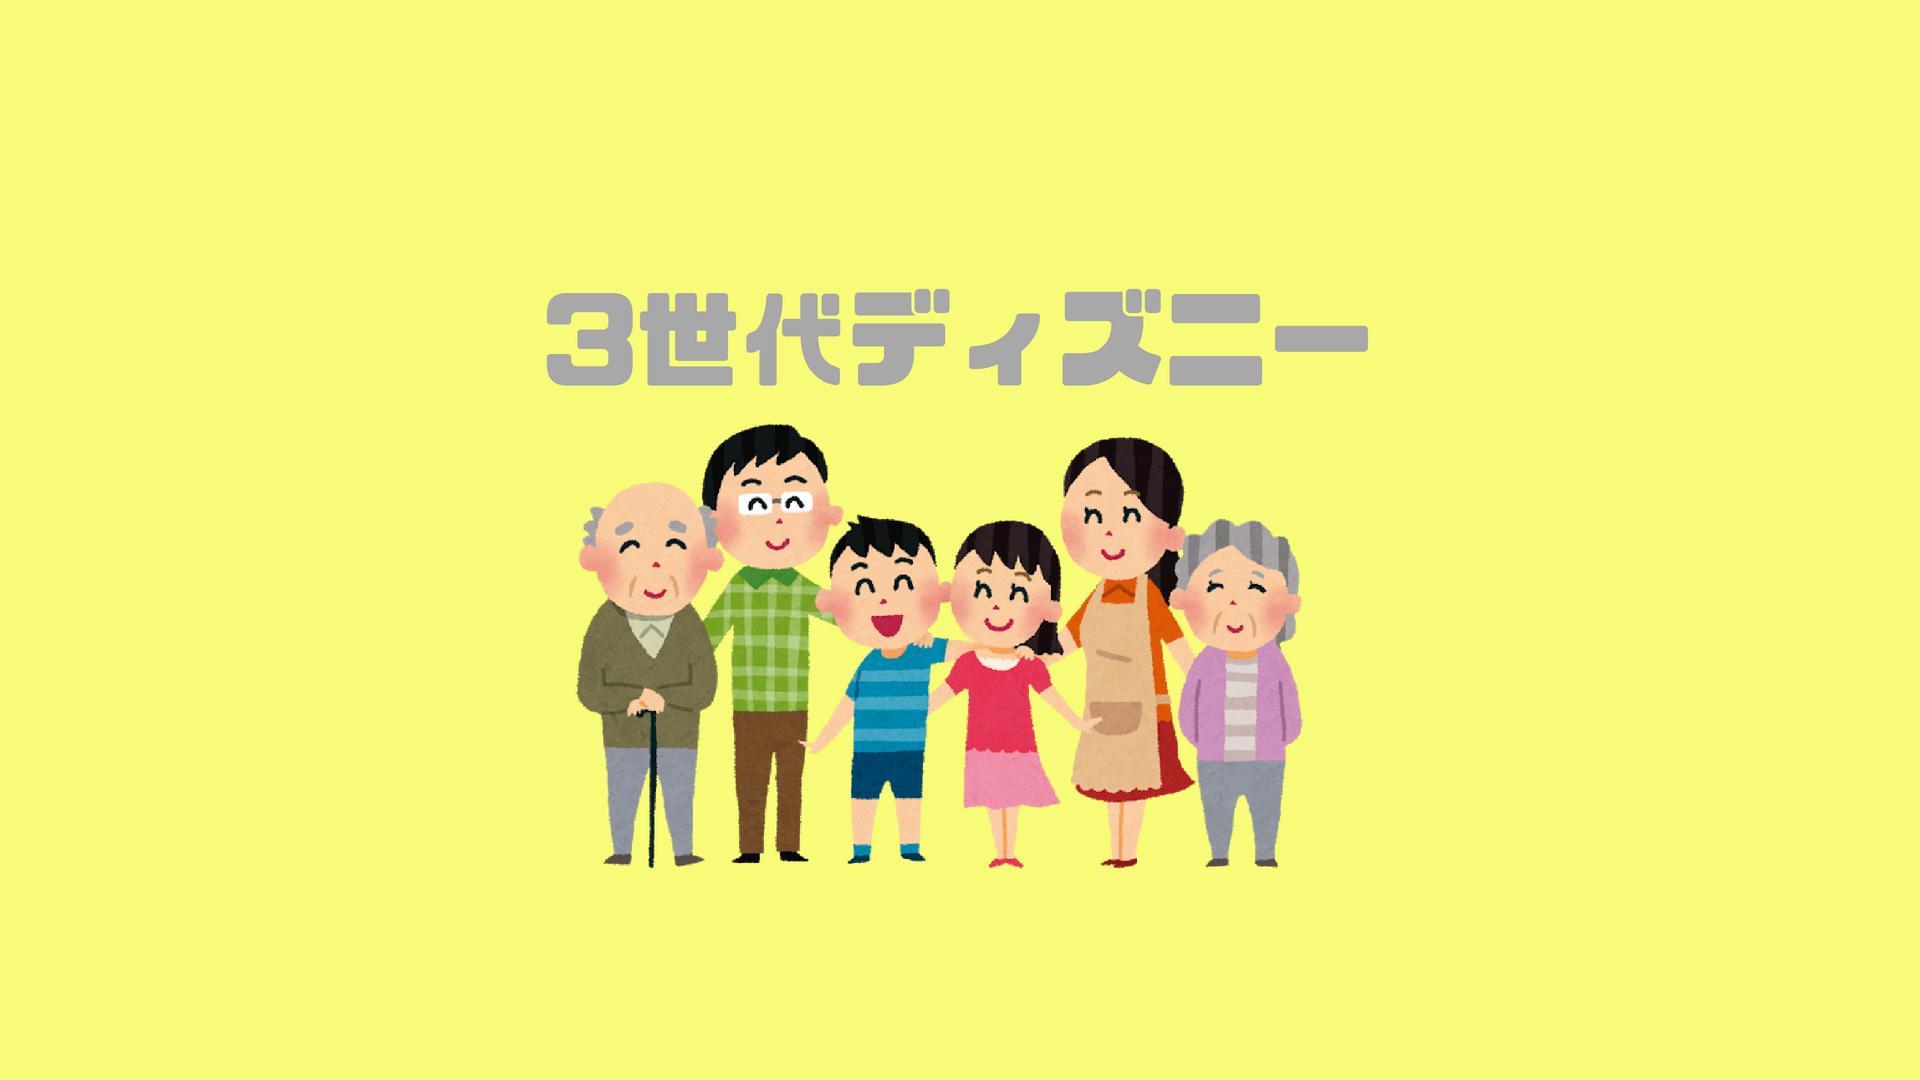 3世代ディズニー